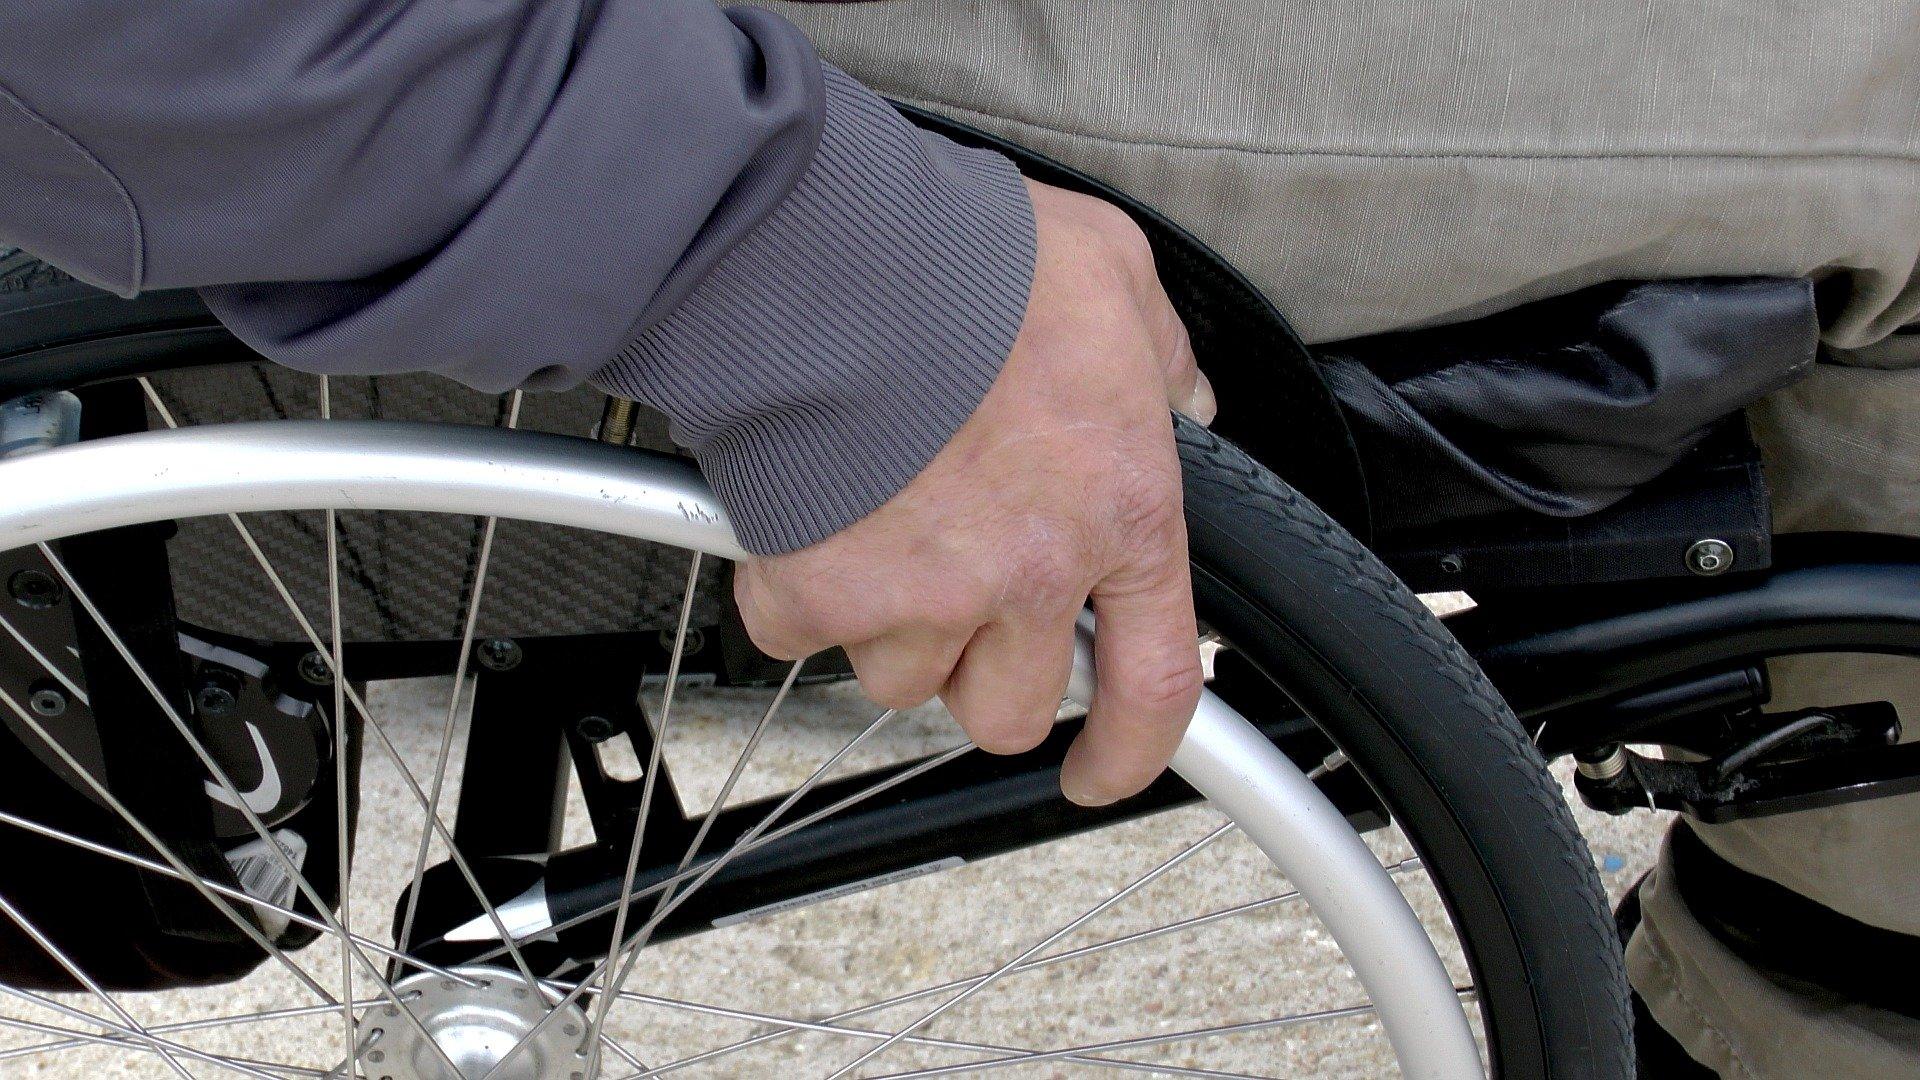 persona adulto con discapacidad en silla de ruedas